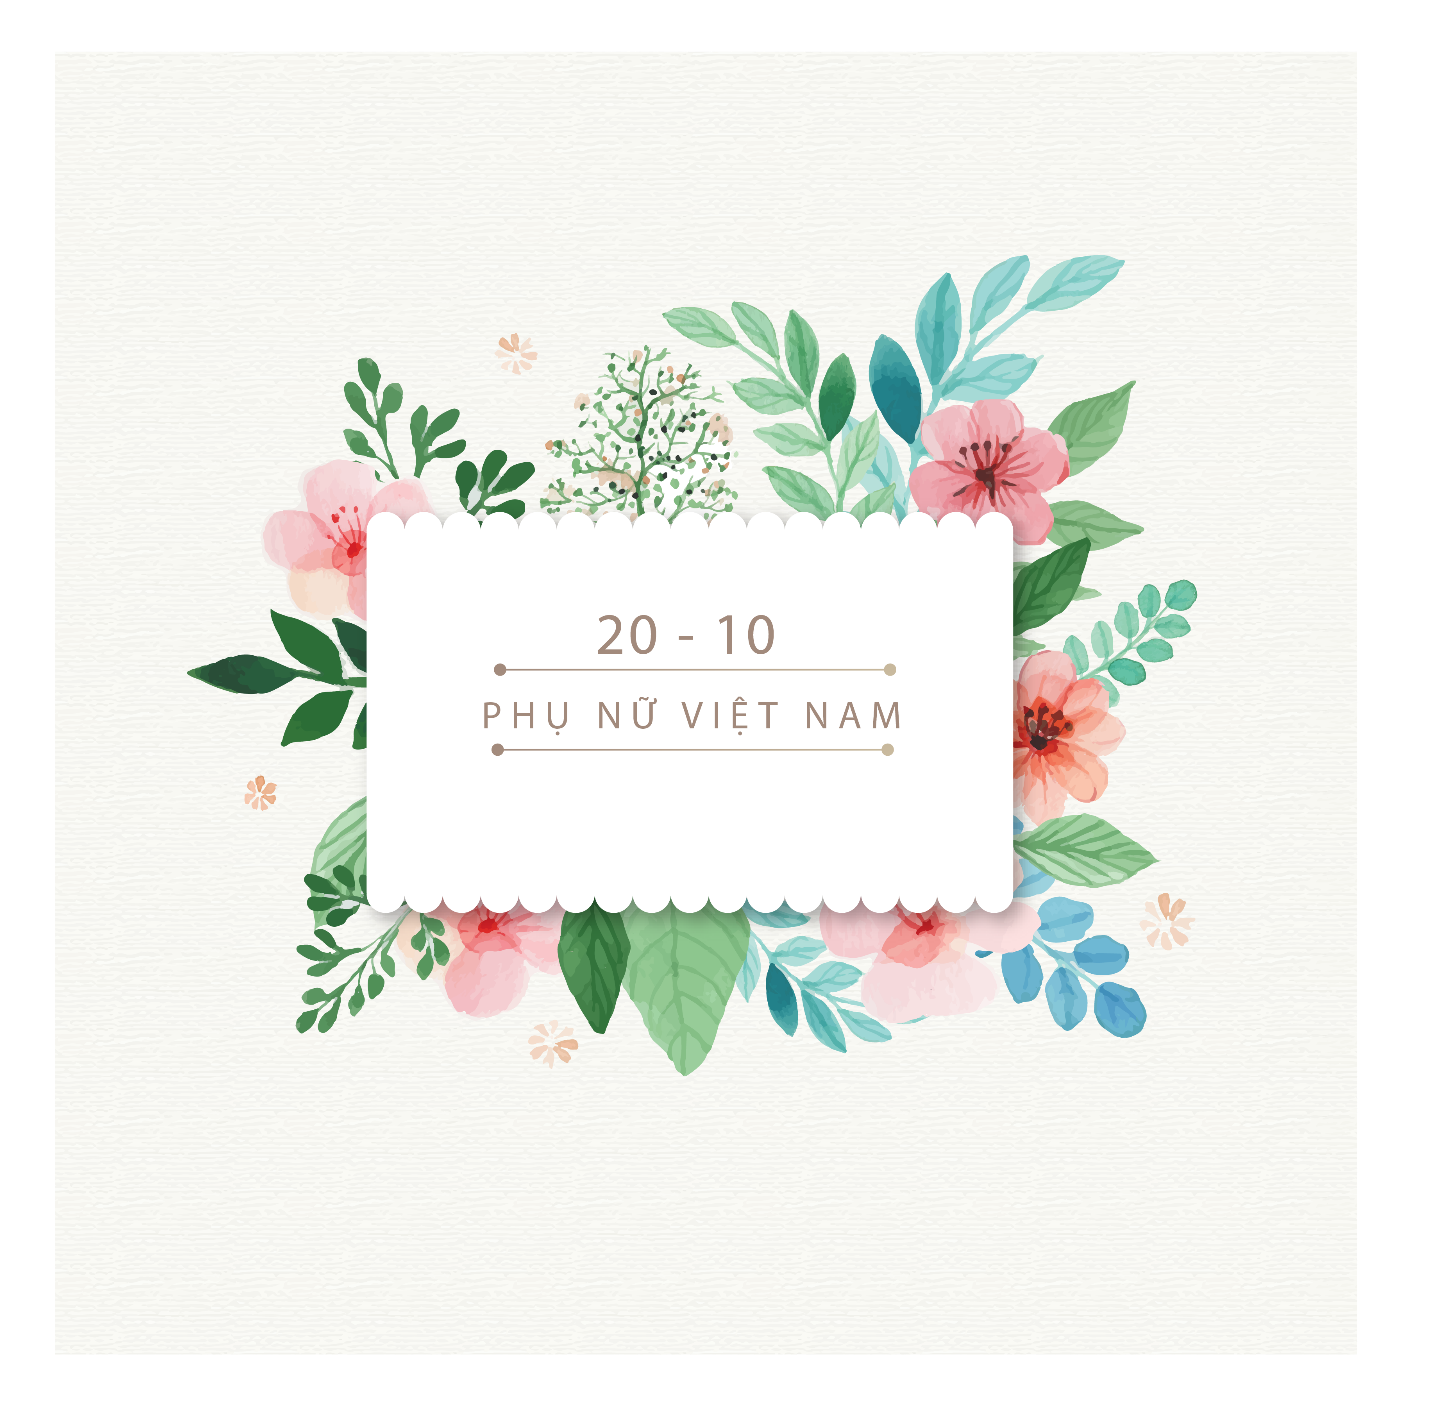 123HOST Chúc Mừng Ngày Phụ Nữ Việt Nam 20-10-2017